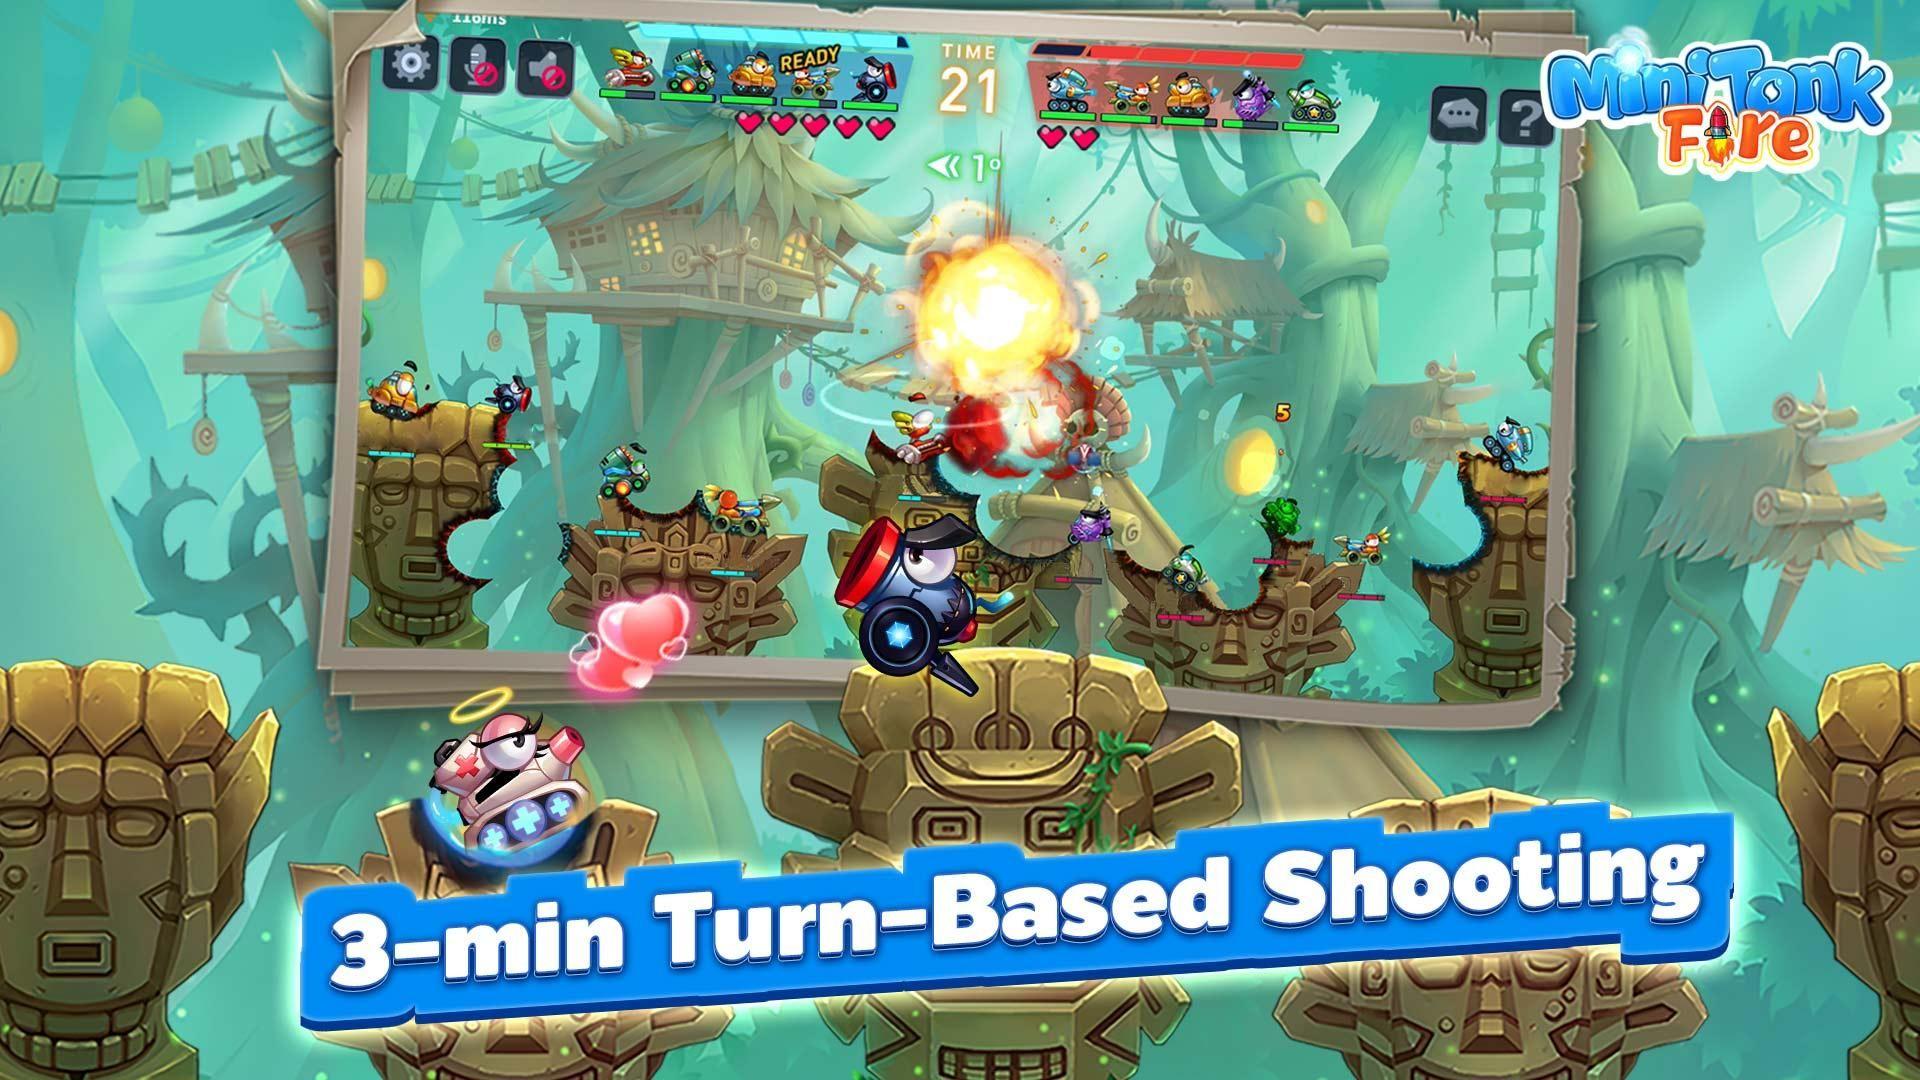 Mini Tank: Fire 游戏截图2